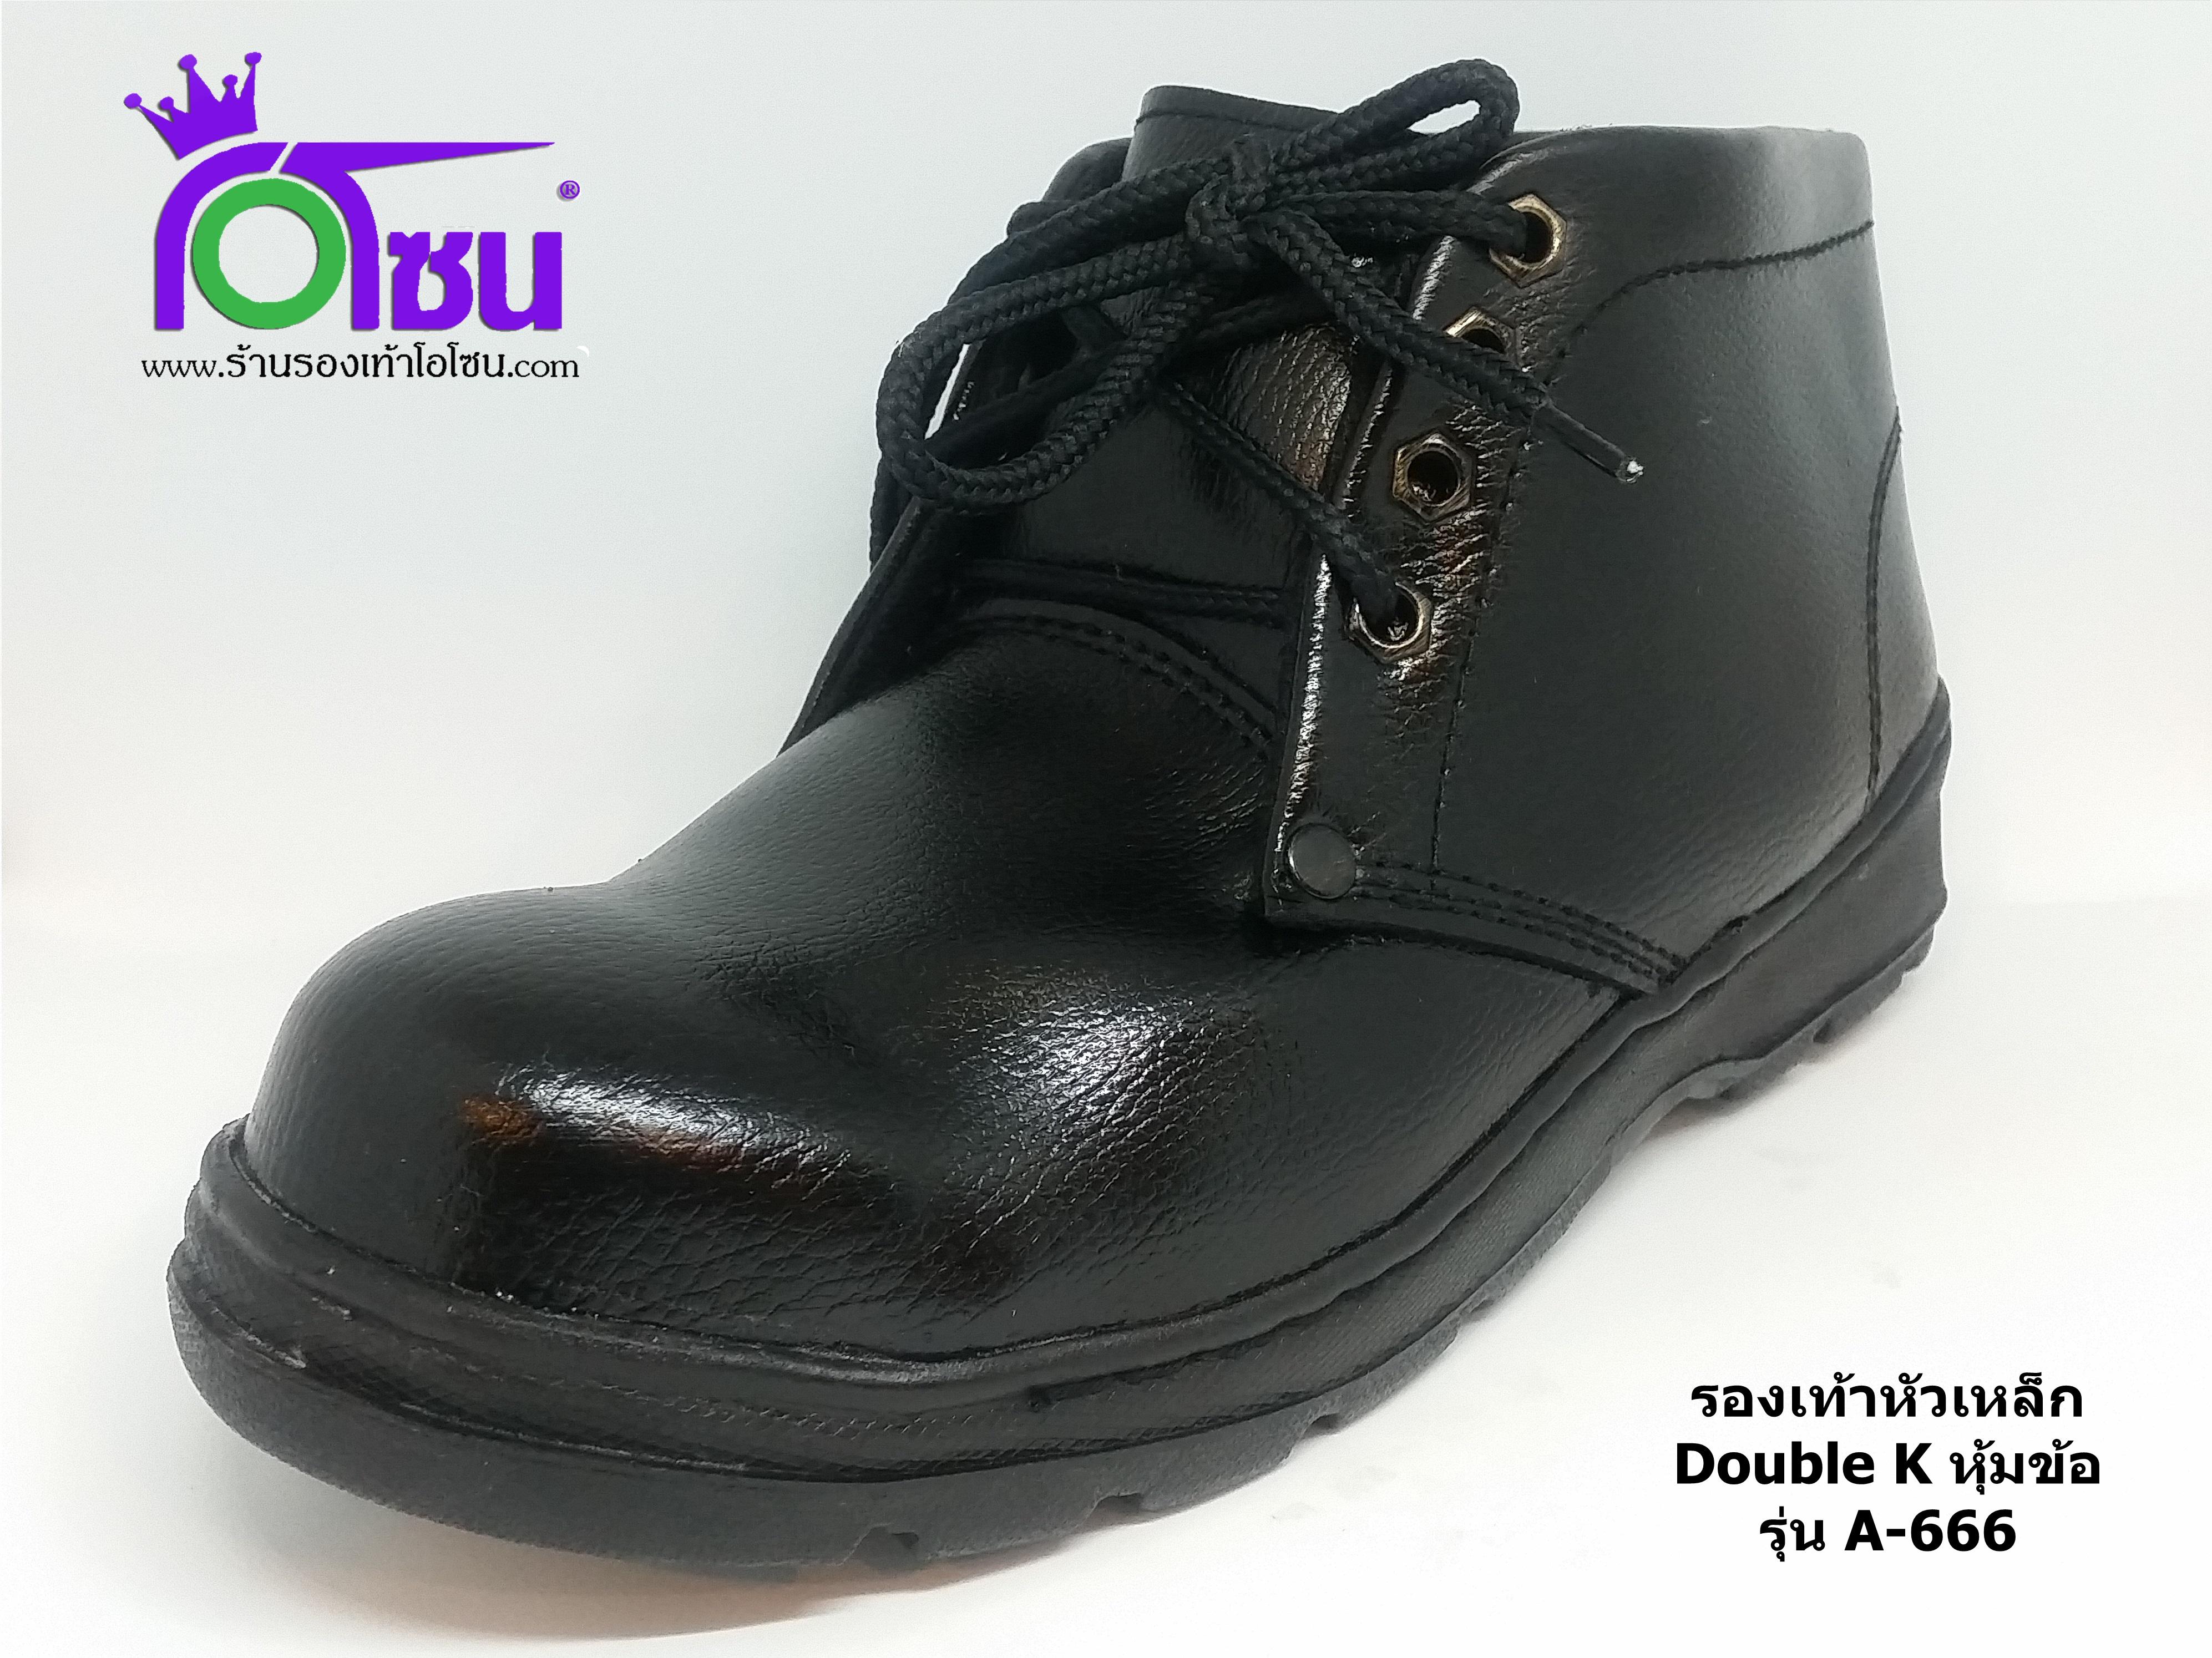 รองเท้าหัวเหล็กหุ้มข้อ Double K ดับเบิ้ลเค รหัส A66 เบอร์ 37-45